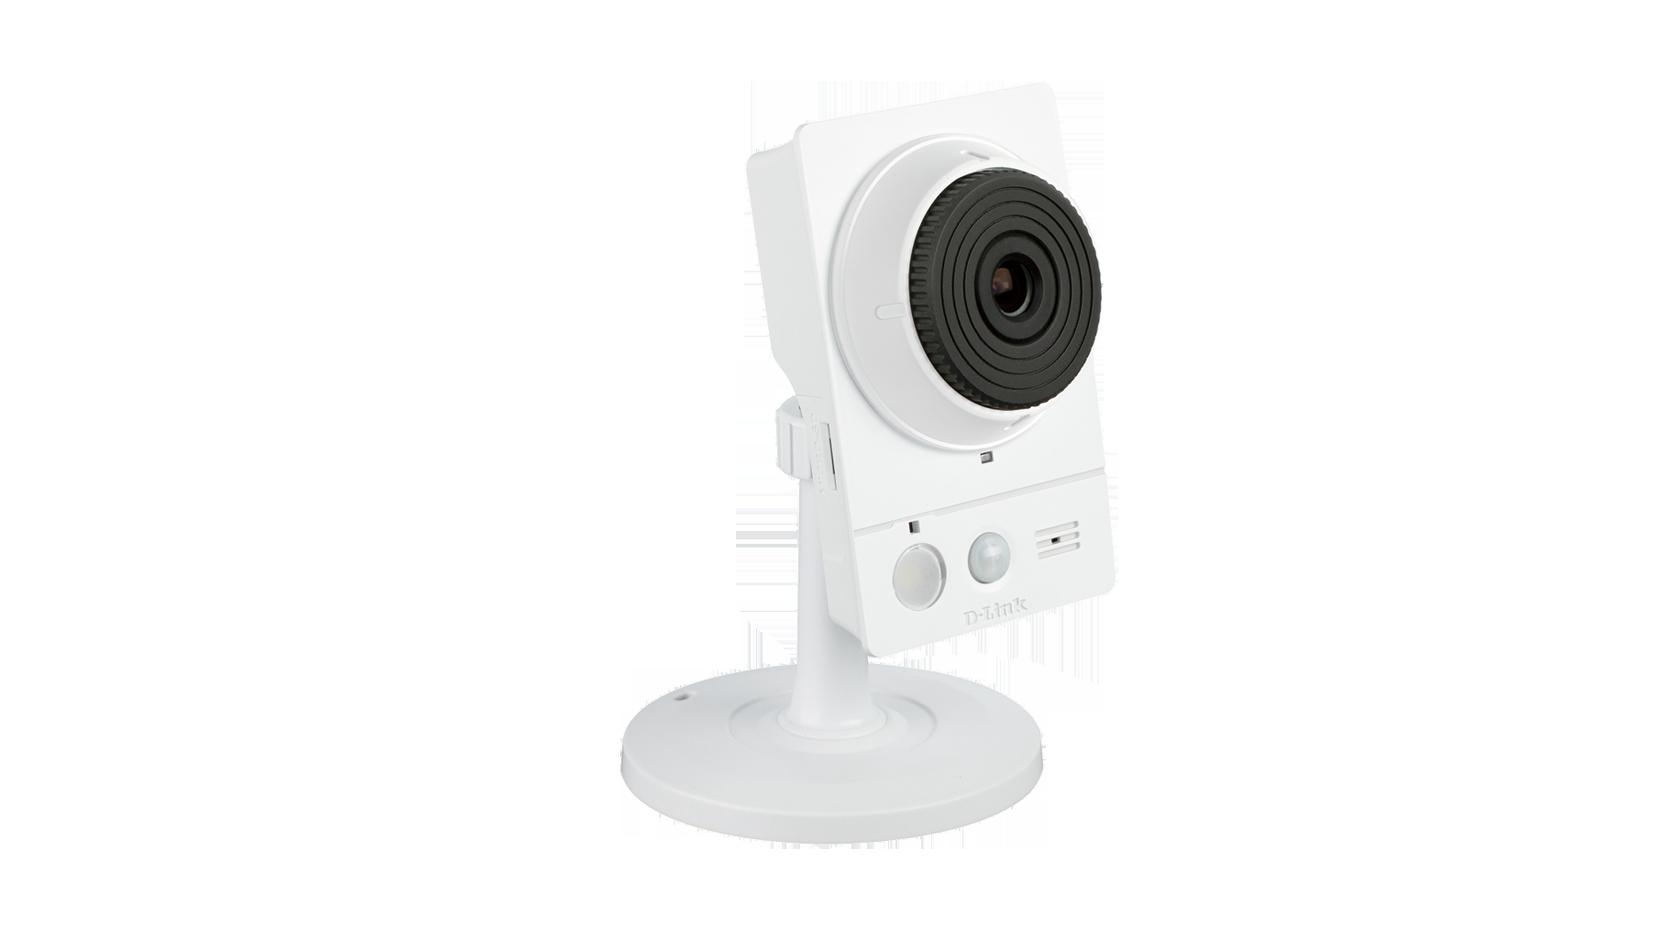 cámara-IP-DCS-2136L-3012mxxx